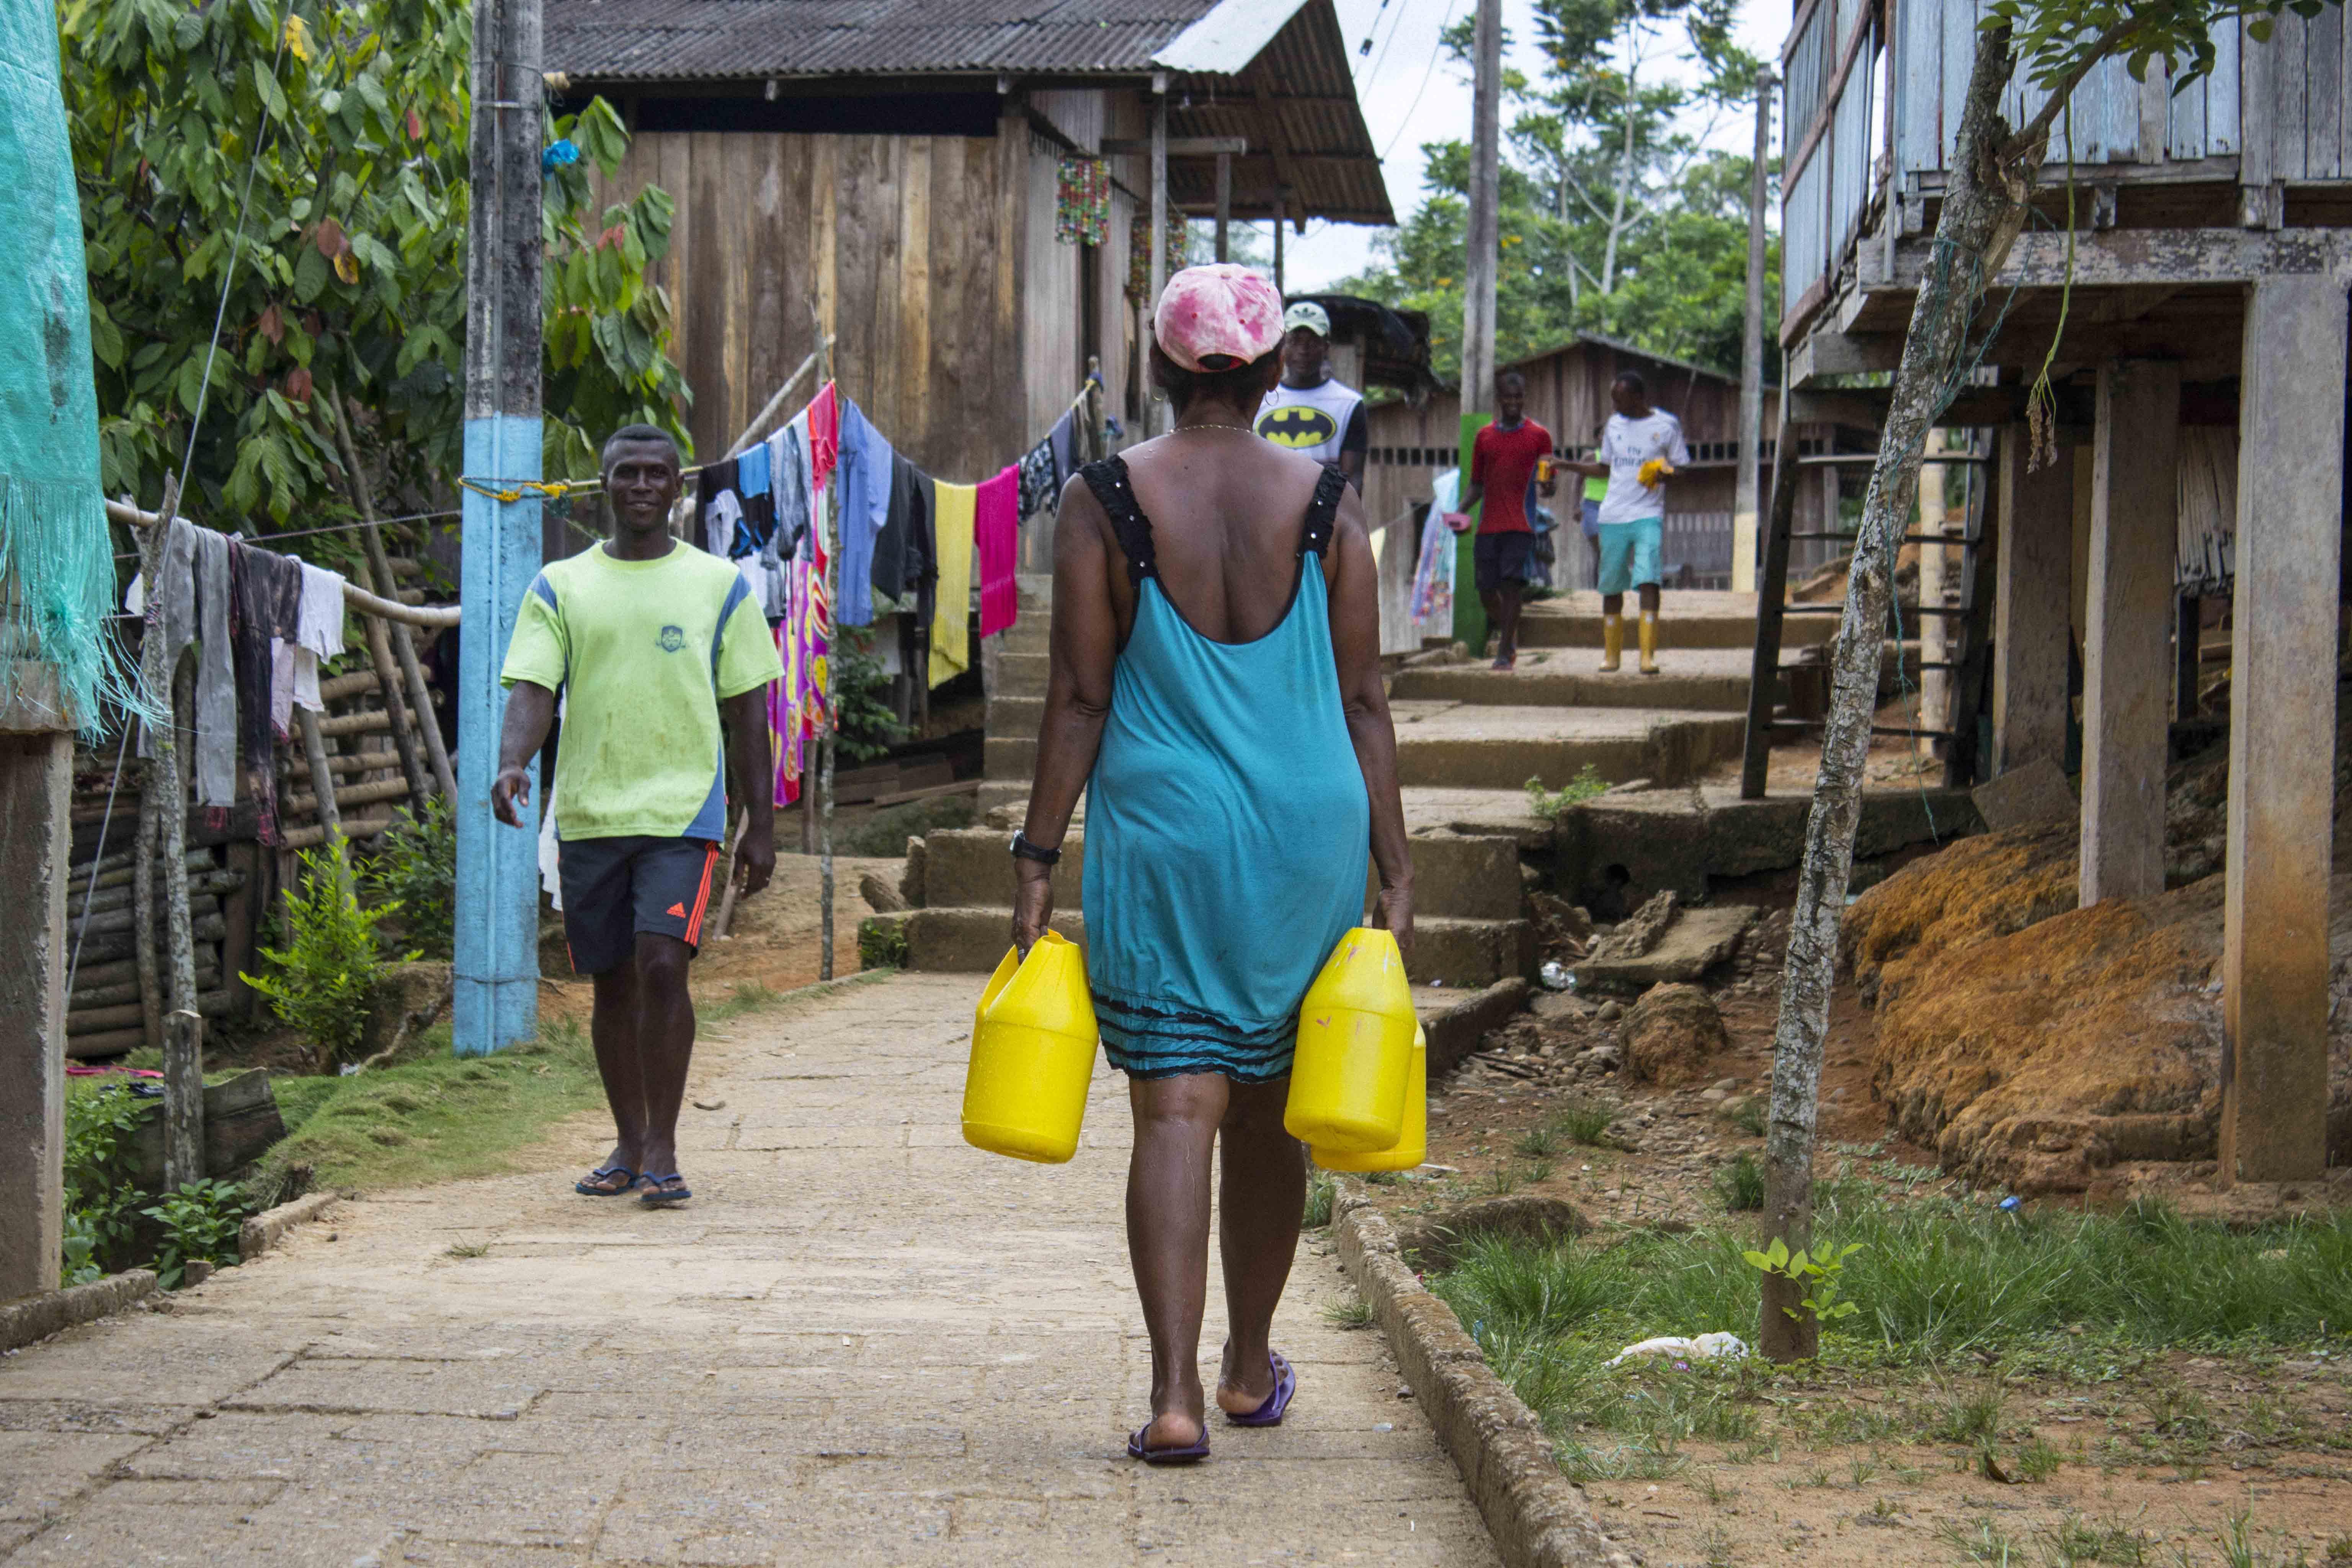 En América Latina hay 175 millones de pobres por culpa de la inequidad